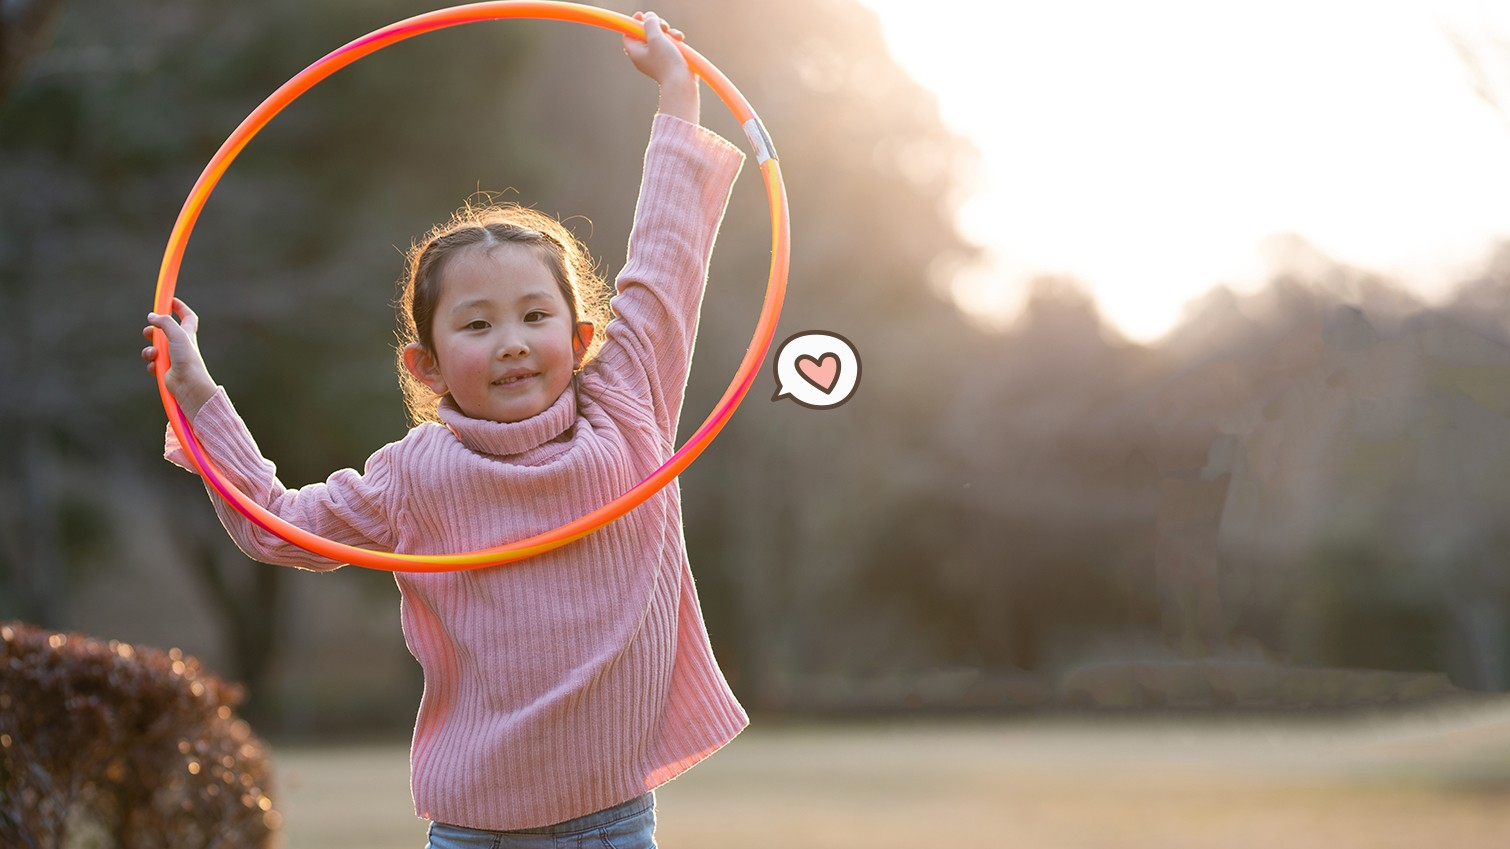 5 Manfaat Bermain Hula Hoop Bagi Anak